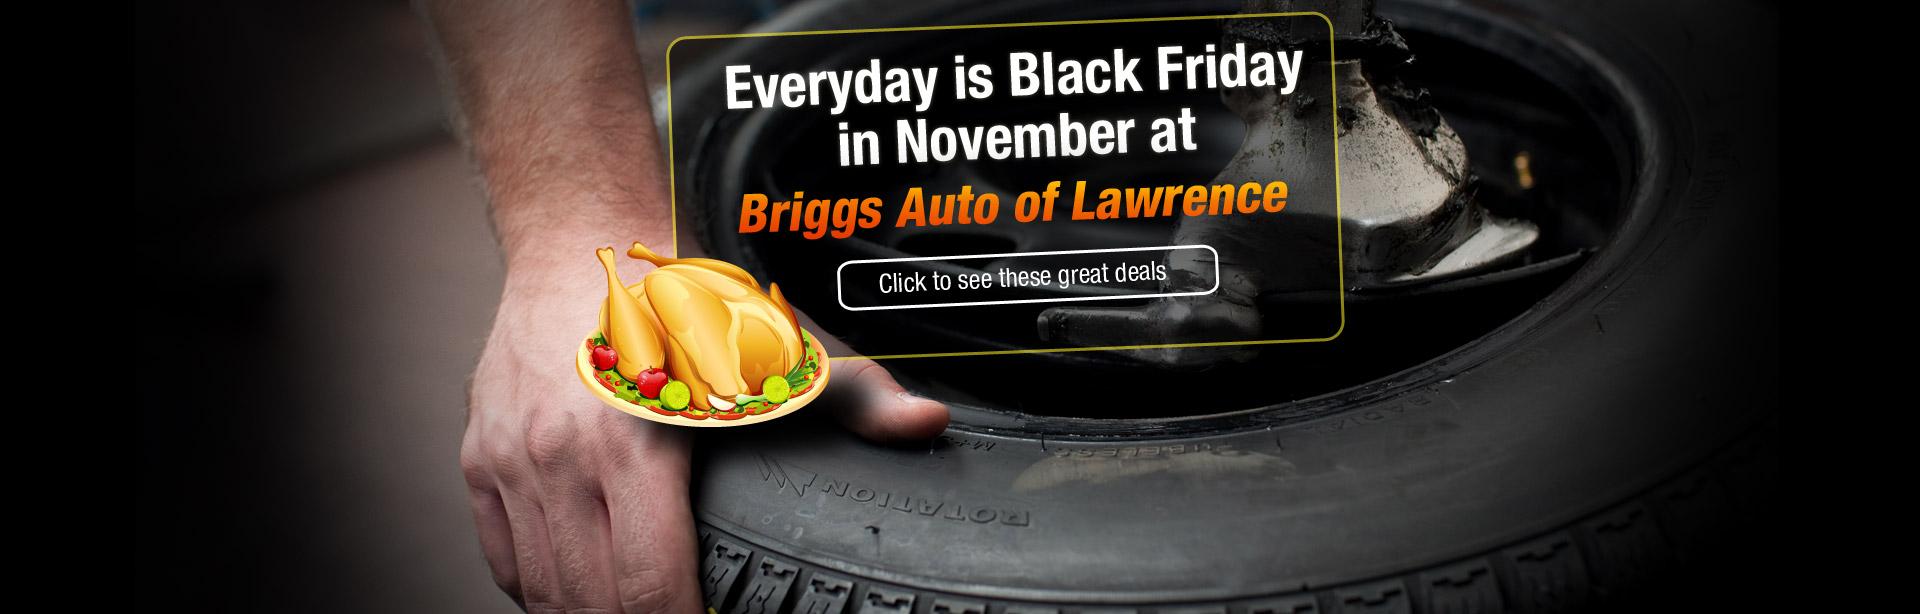 Black Friday in November